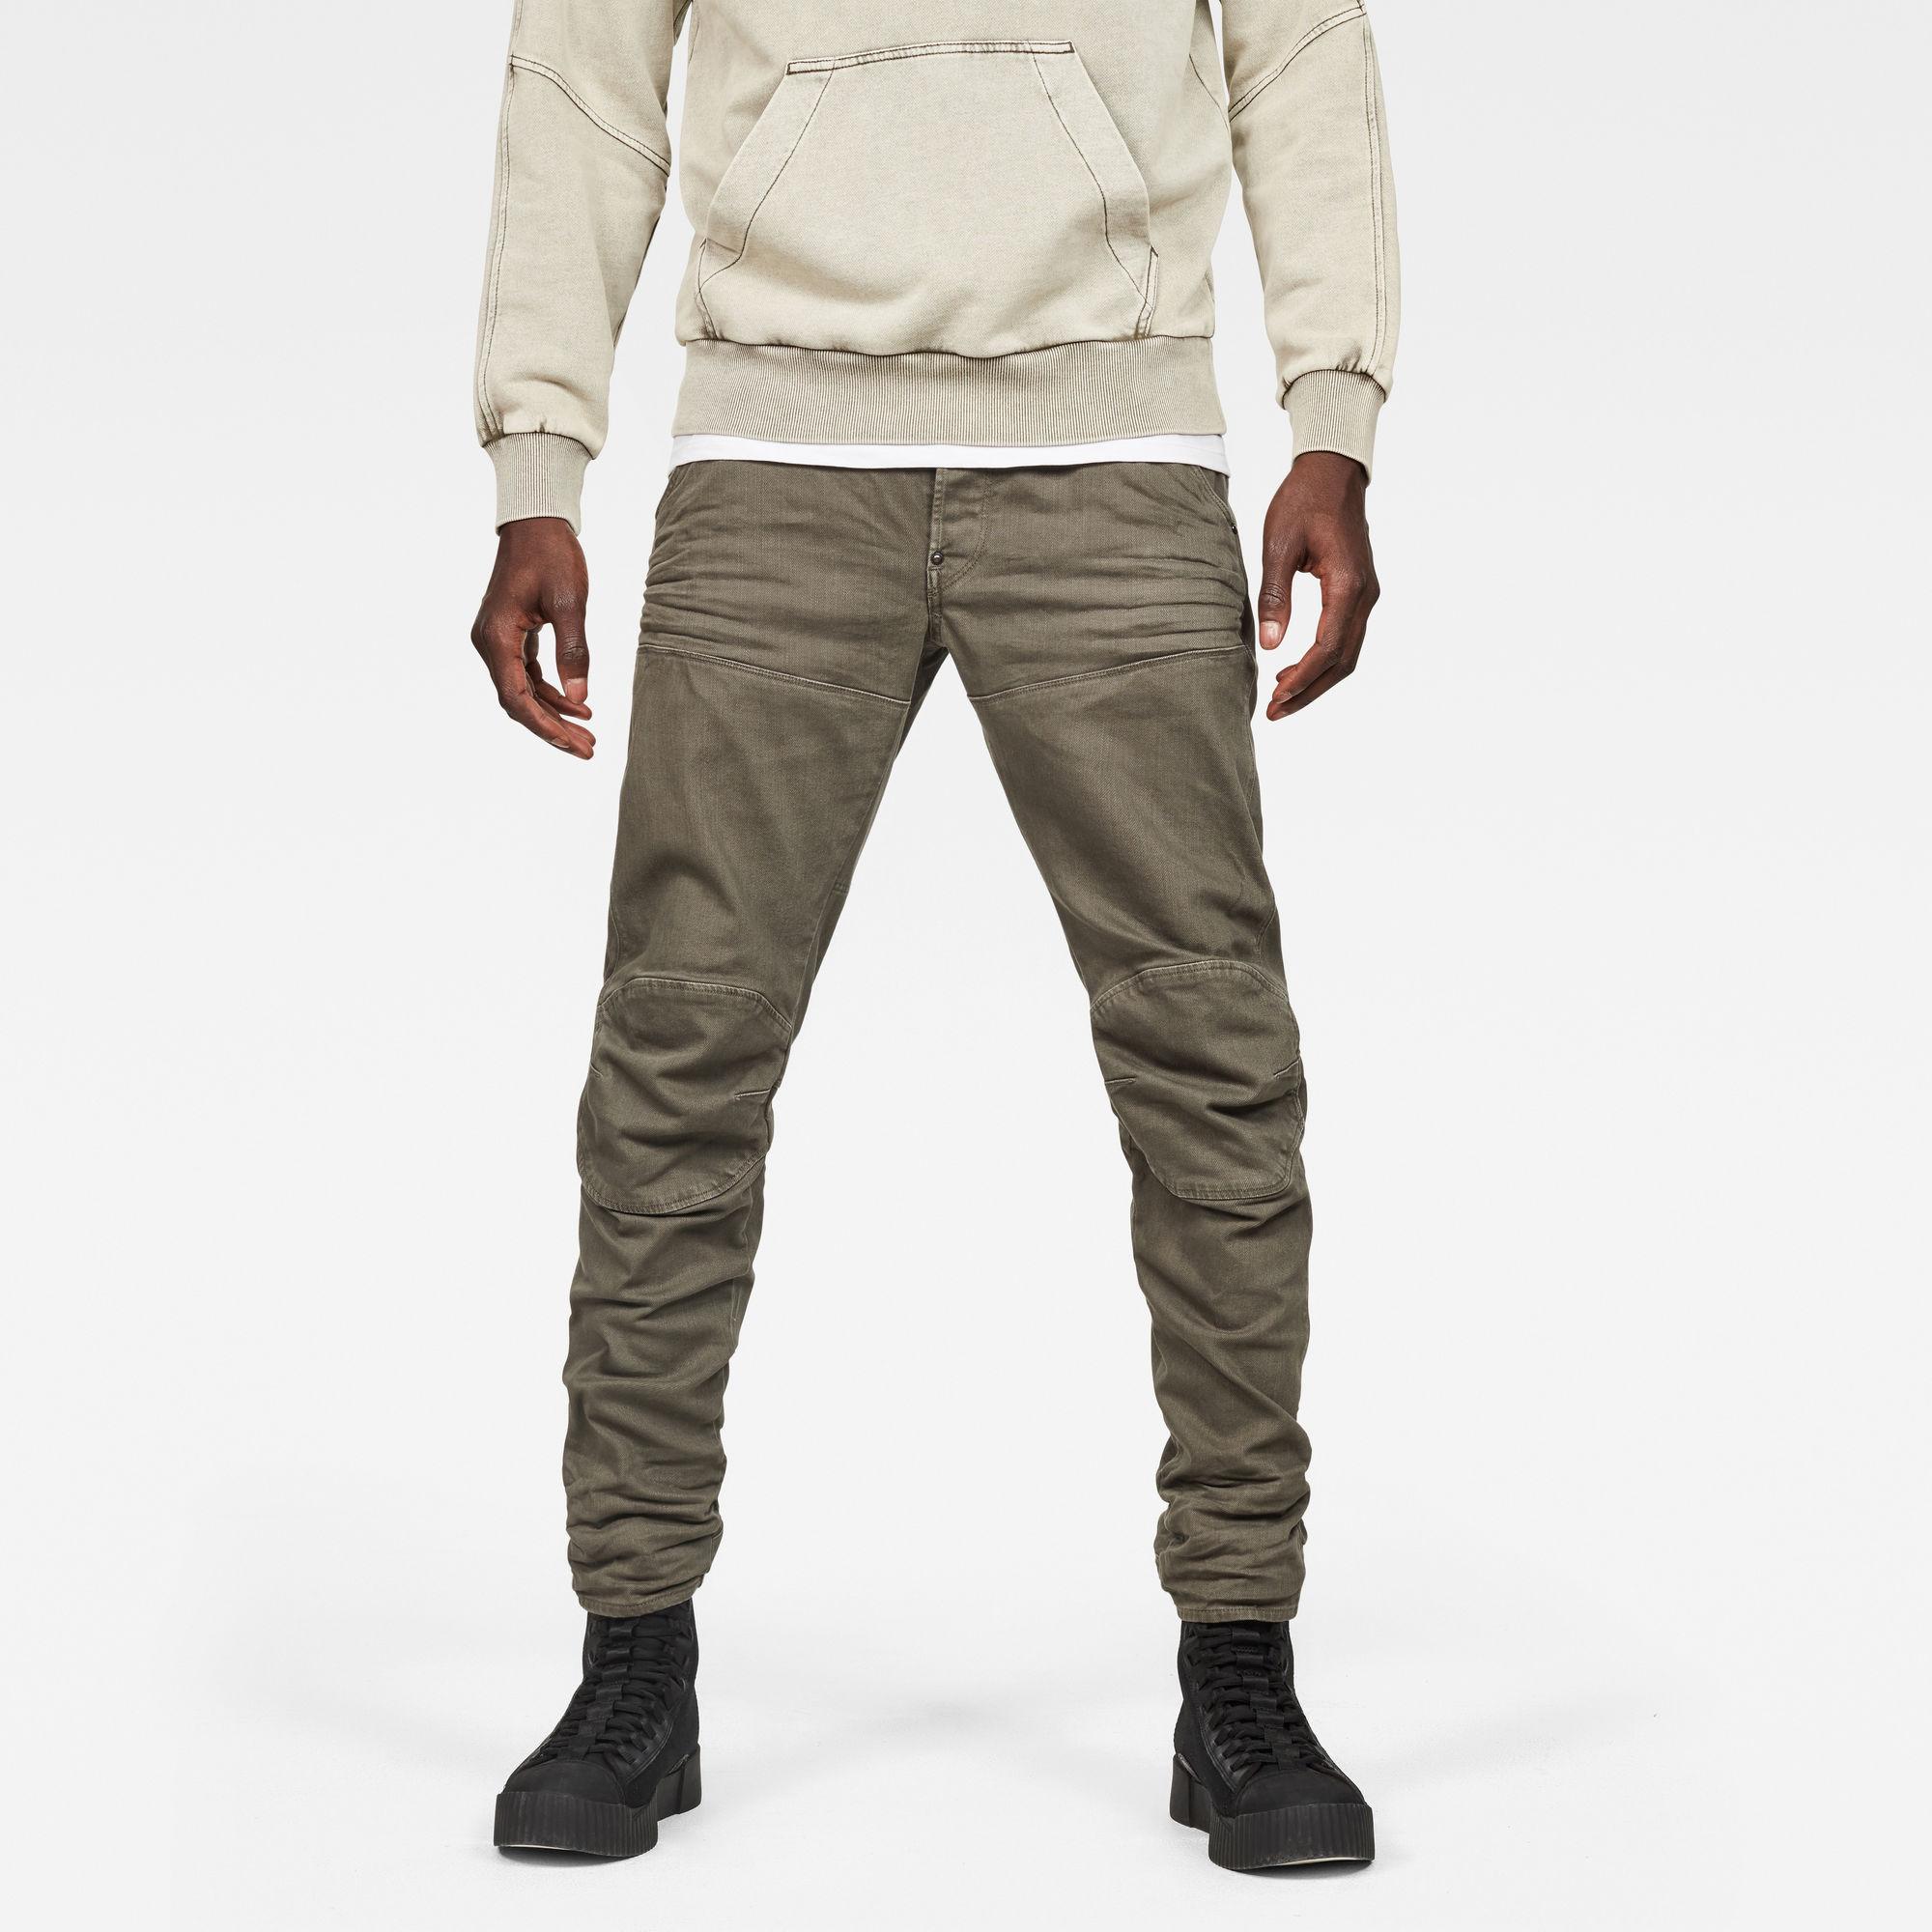 5620 G-Star Elwood 3D Slim Color Jeans